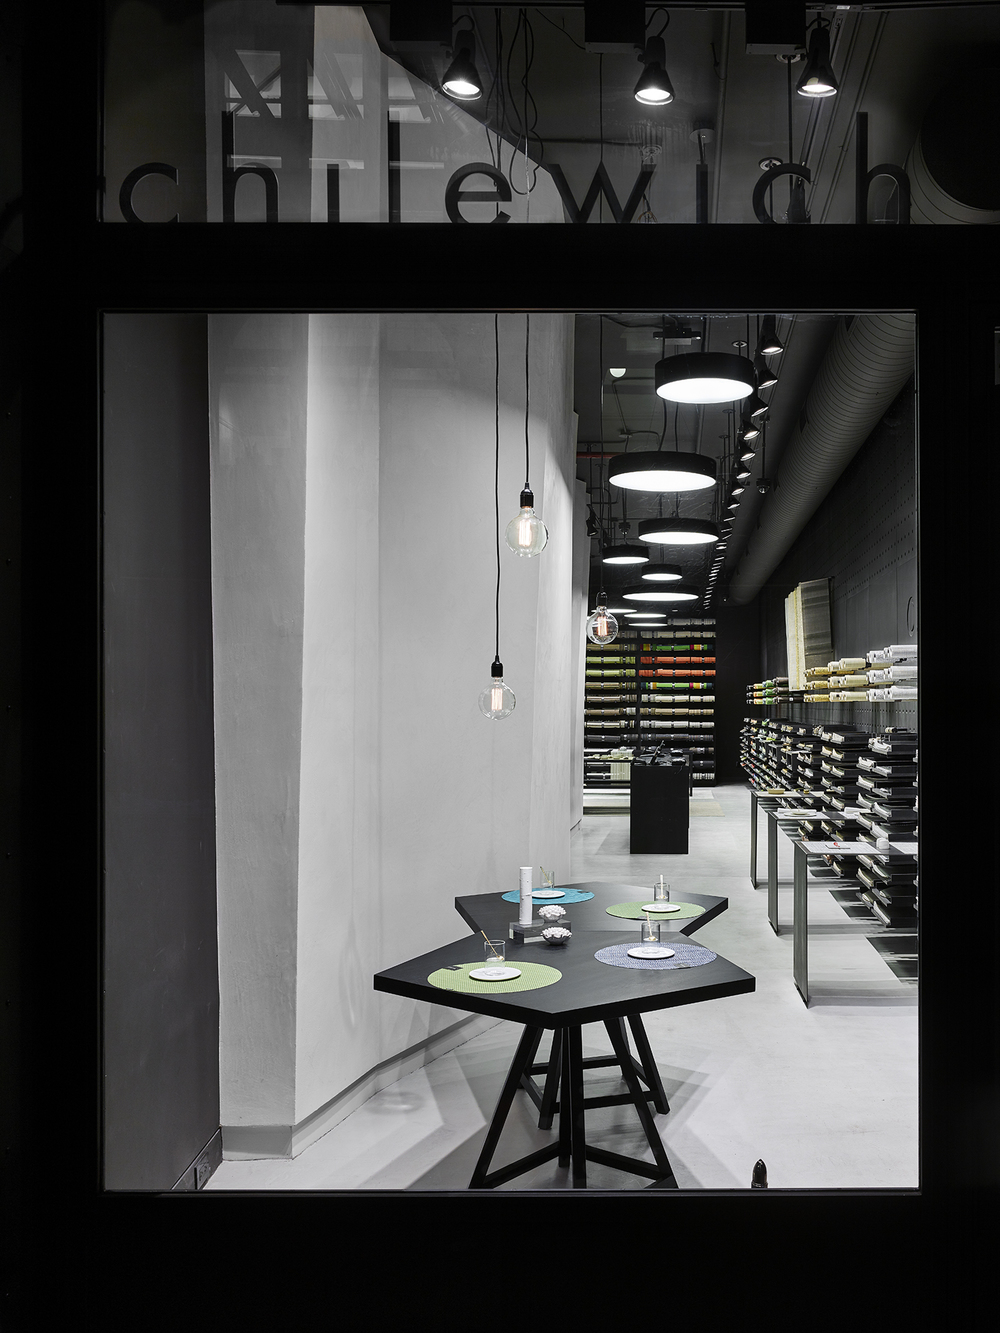 001-CHILEWICH.jpg